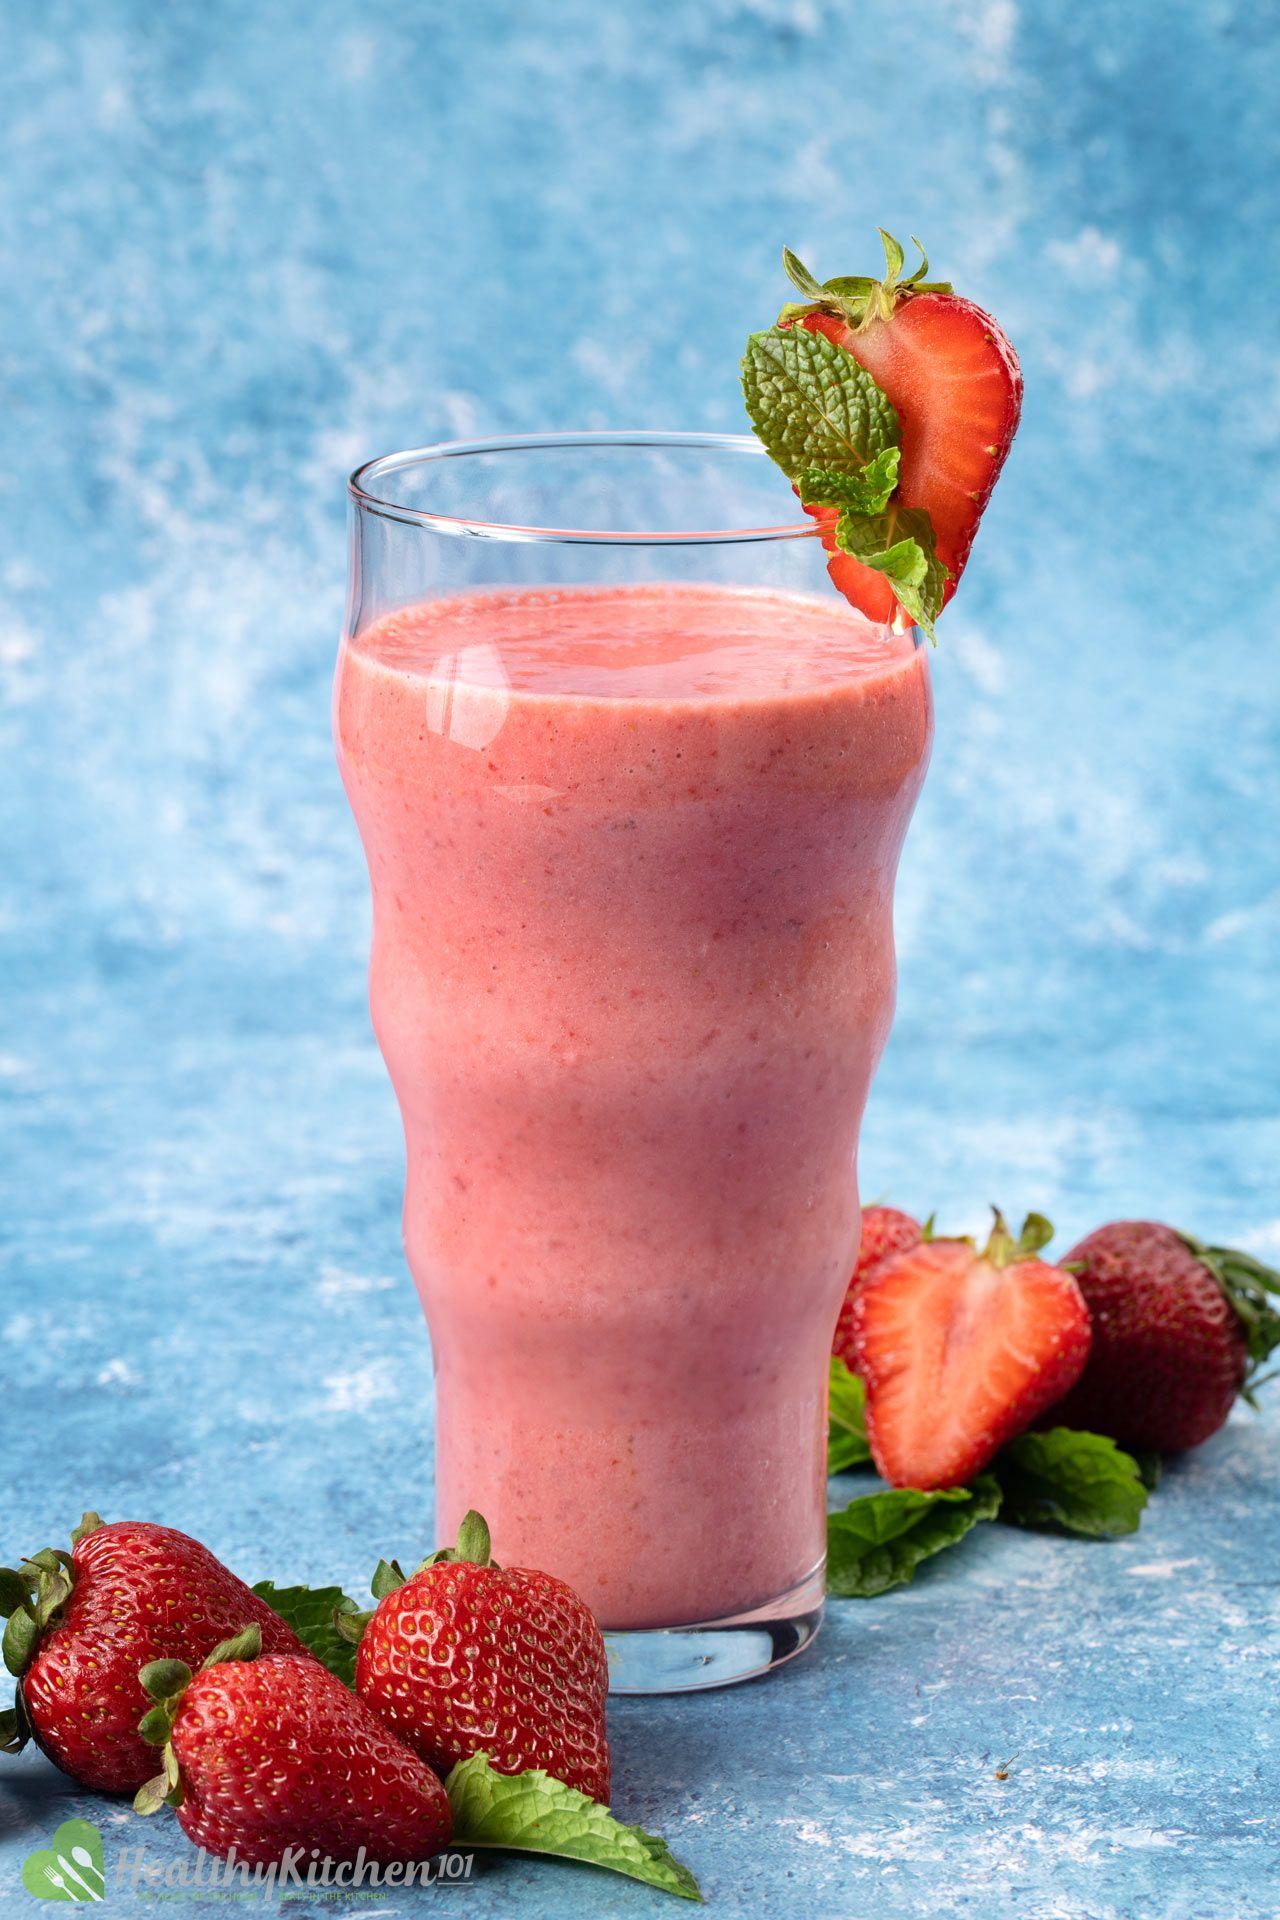 Strawberry Smoothie Recipe Healthy Chicken 101 5